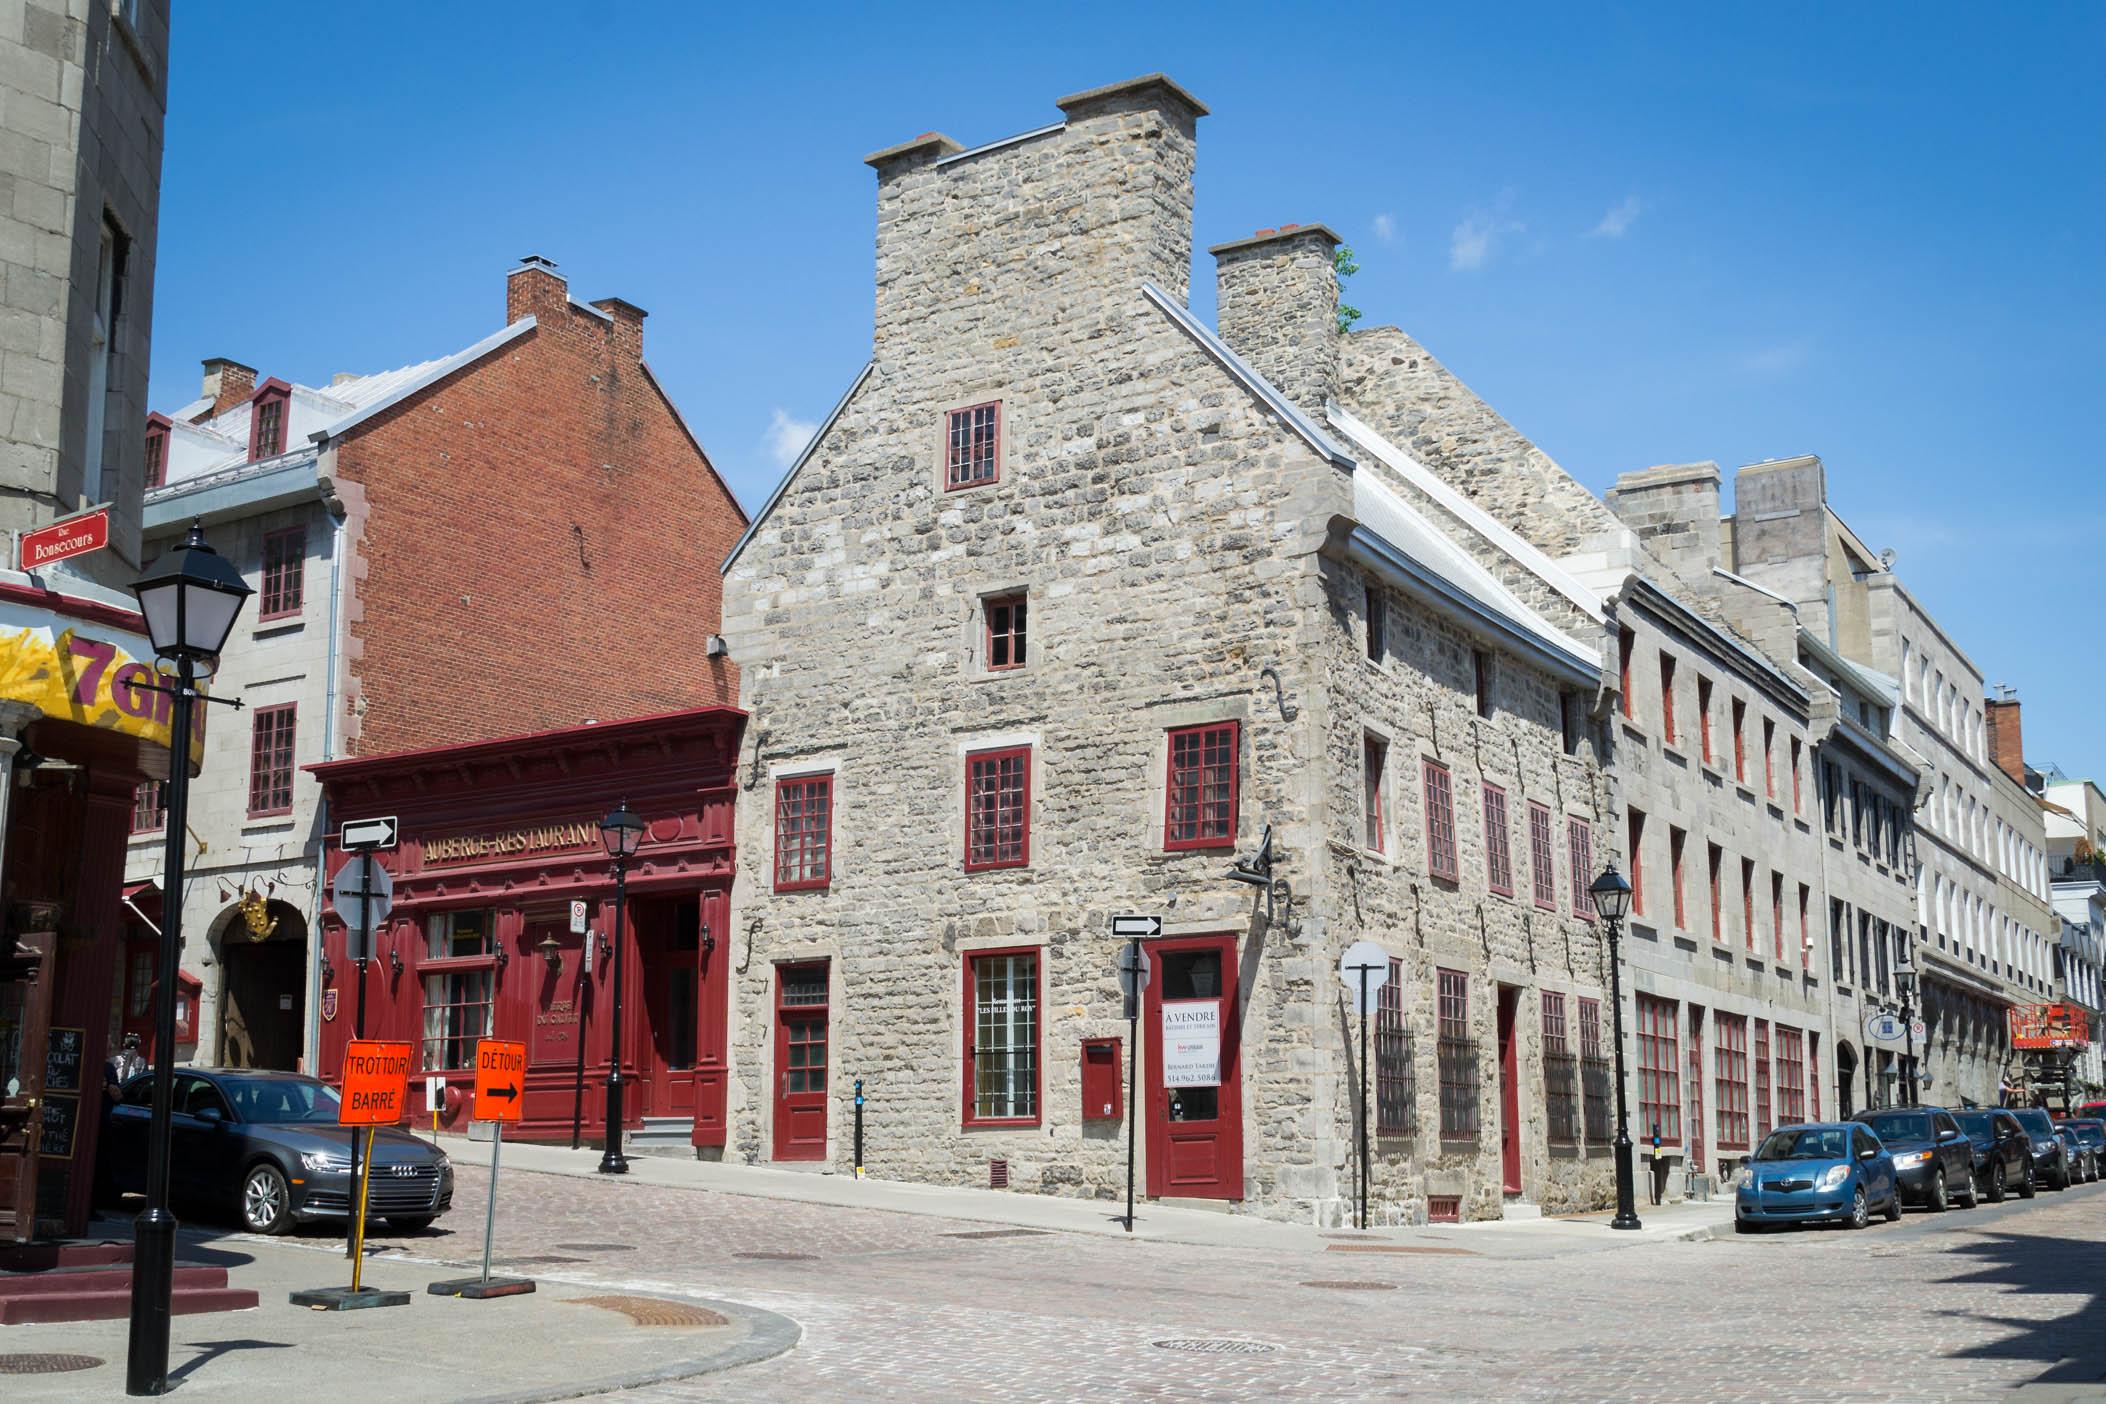 Une maison typique de la vieille ville